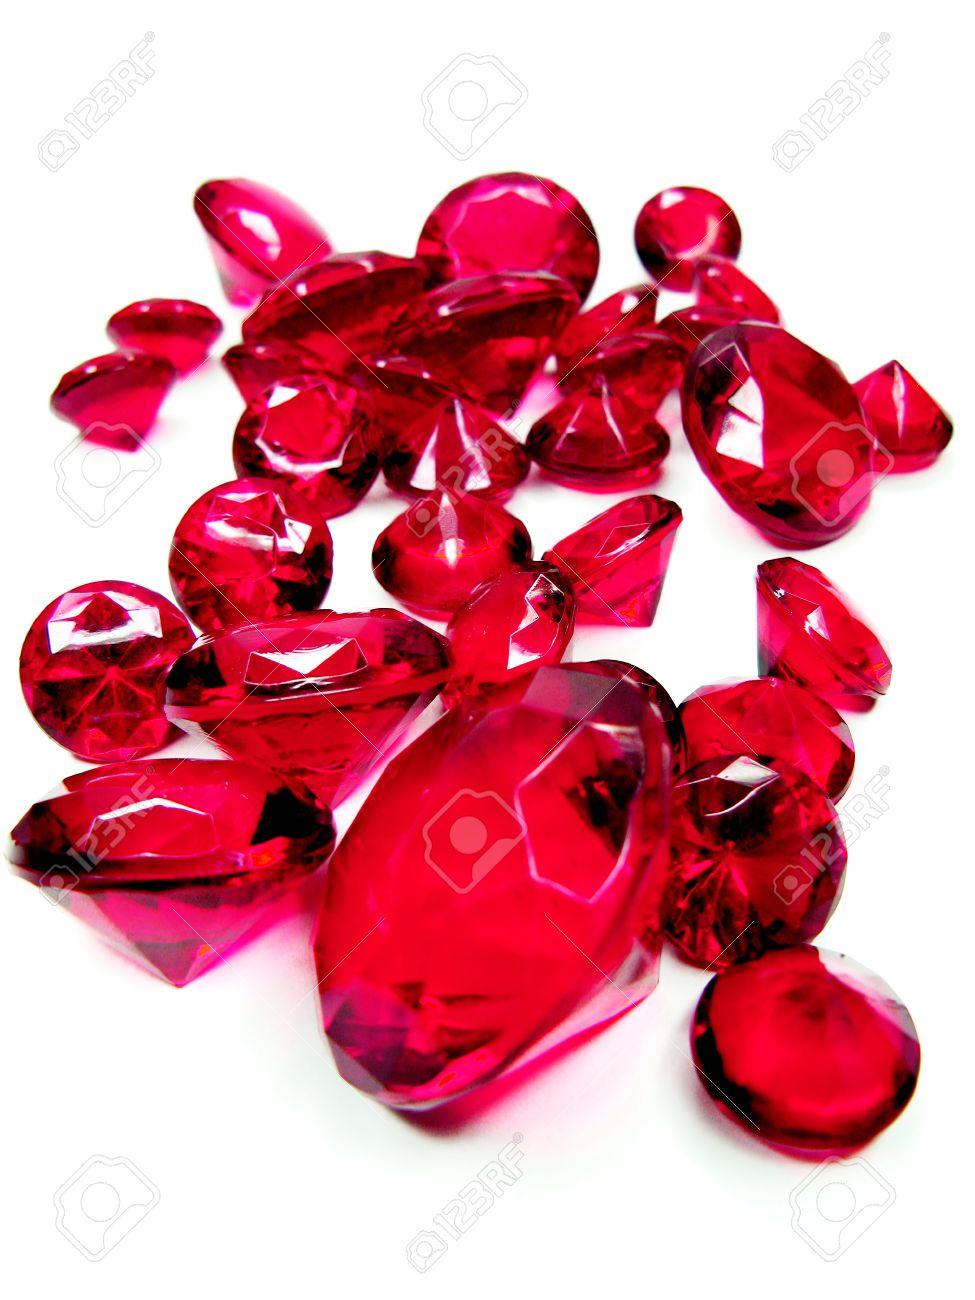 Le due chiavi. 23482199-rubino-gemma-pietre-cristalli-isolati-su-sfondo-bianco-Archivio-Fotografico